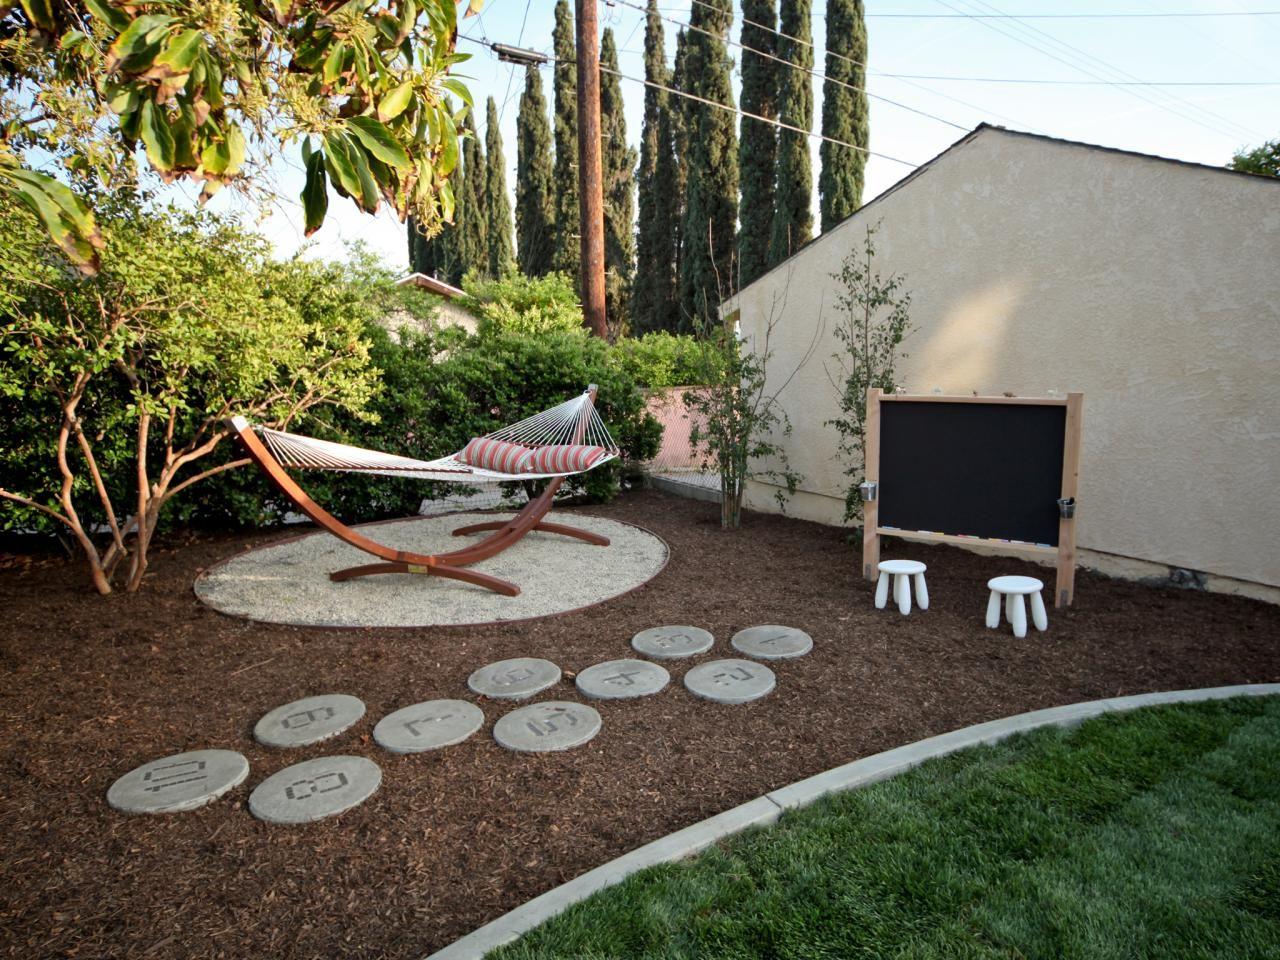 coole gartengestaltung mit hängematte und kinderspielplatz | for, Gartengerate ideen